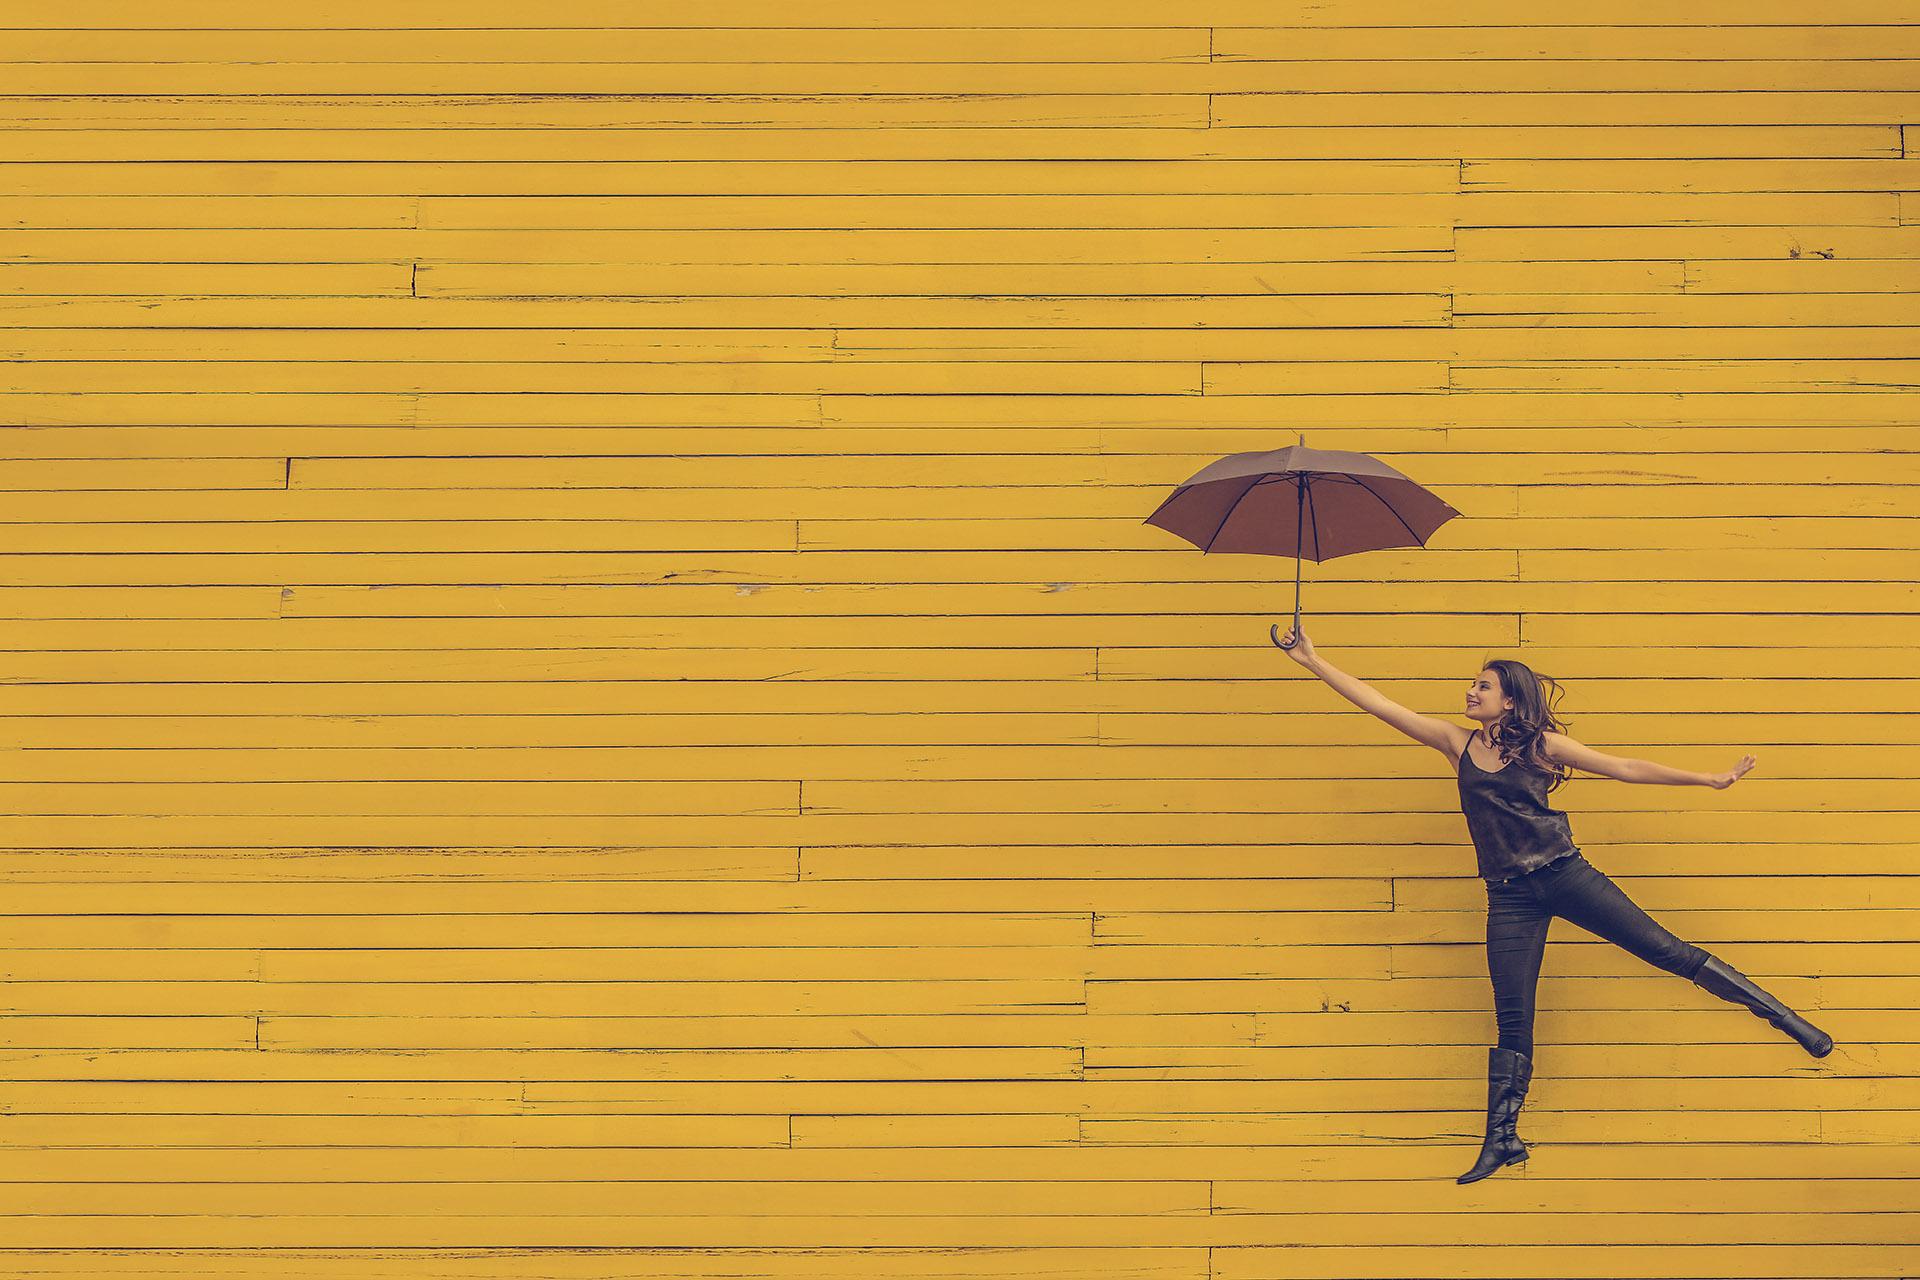 Szukając siebie - ośrodek rozwoju osobistego